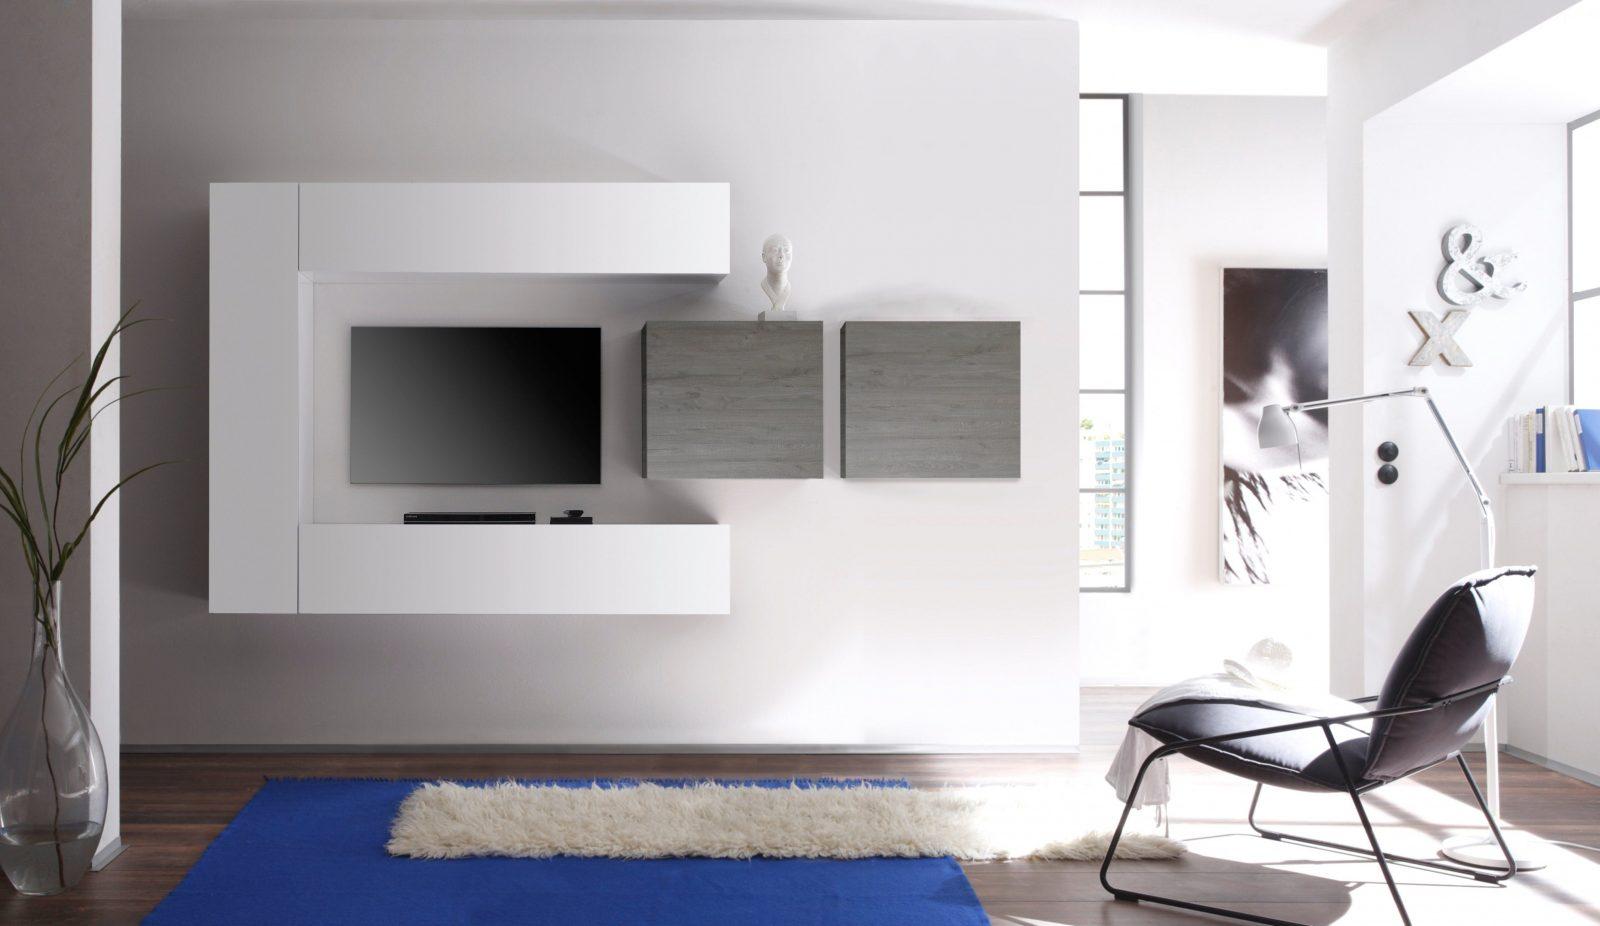 Hängeschrank Weiß Hochglanz Wohnzimmer von Hängeschrank Weiß Hochglanz Wohnzimmer Bild